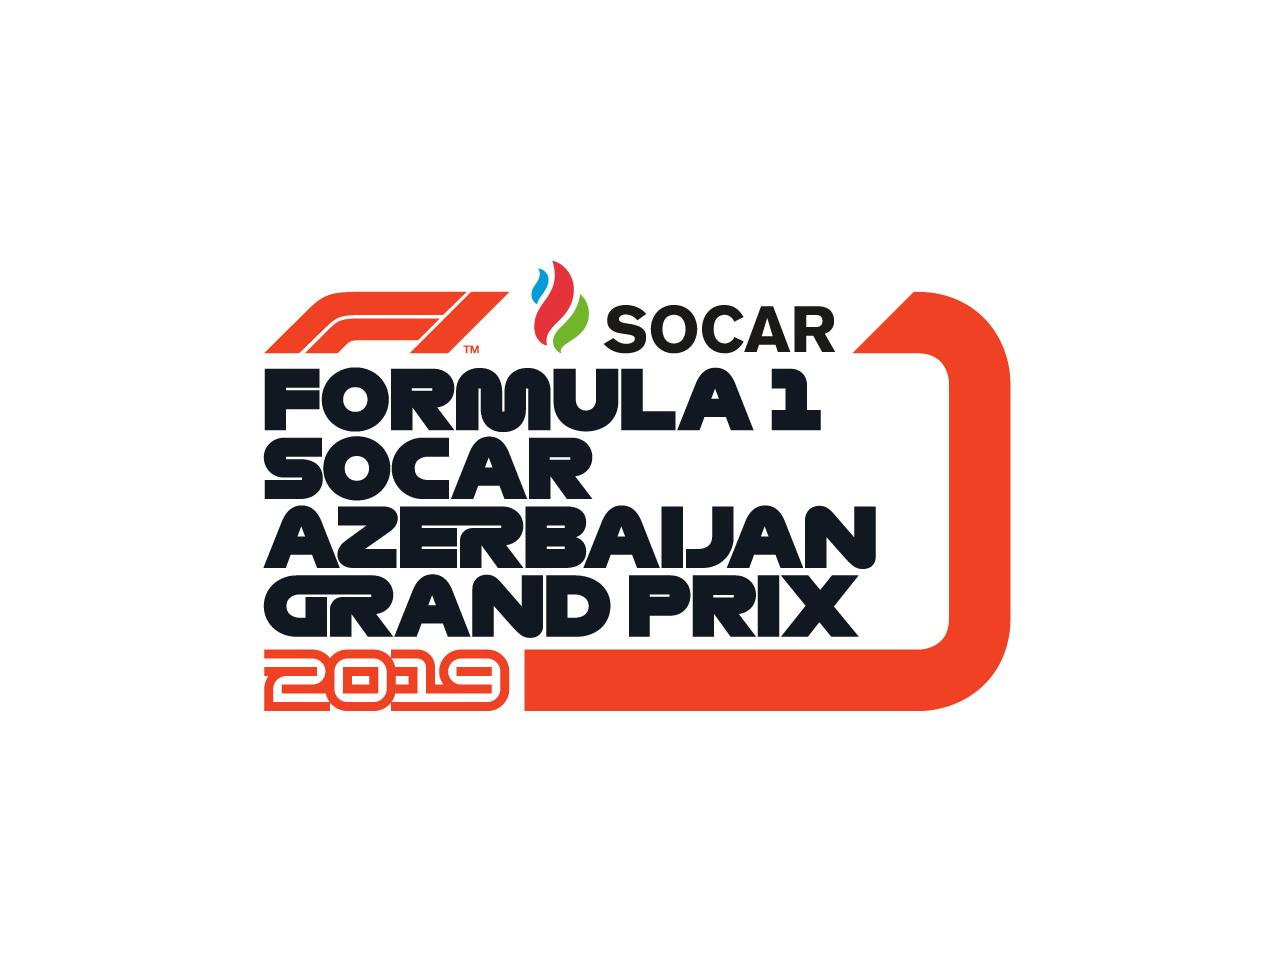 Бакинская гонка пройдет под названием Формула 1 SOCAR Гран-при Азербайджана-2019